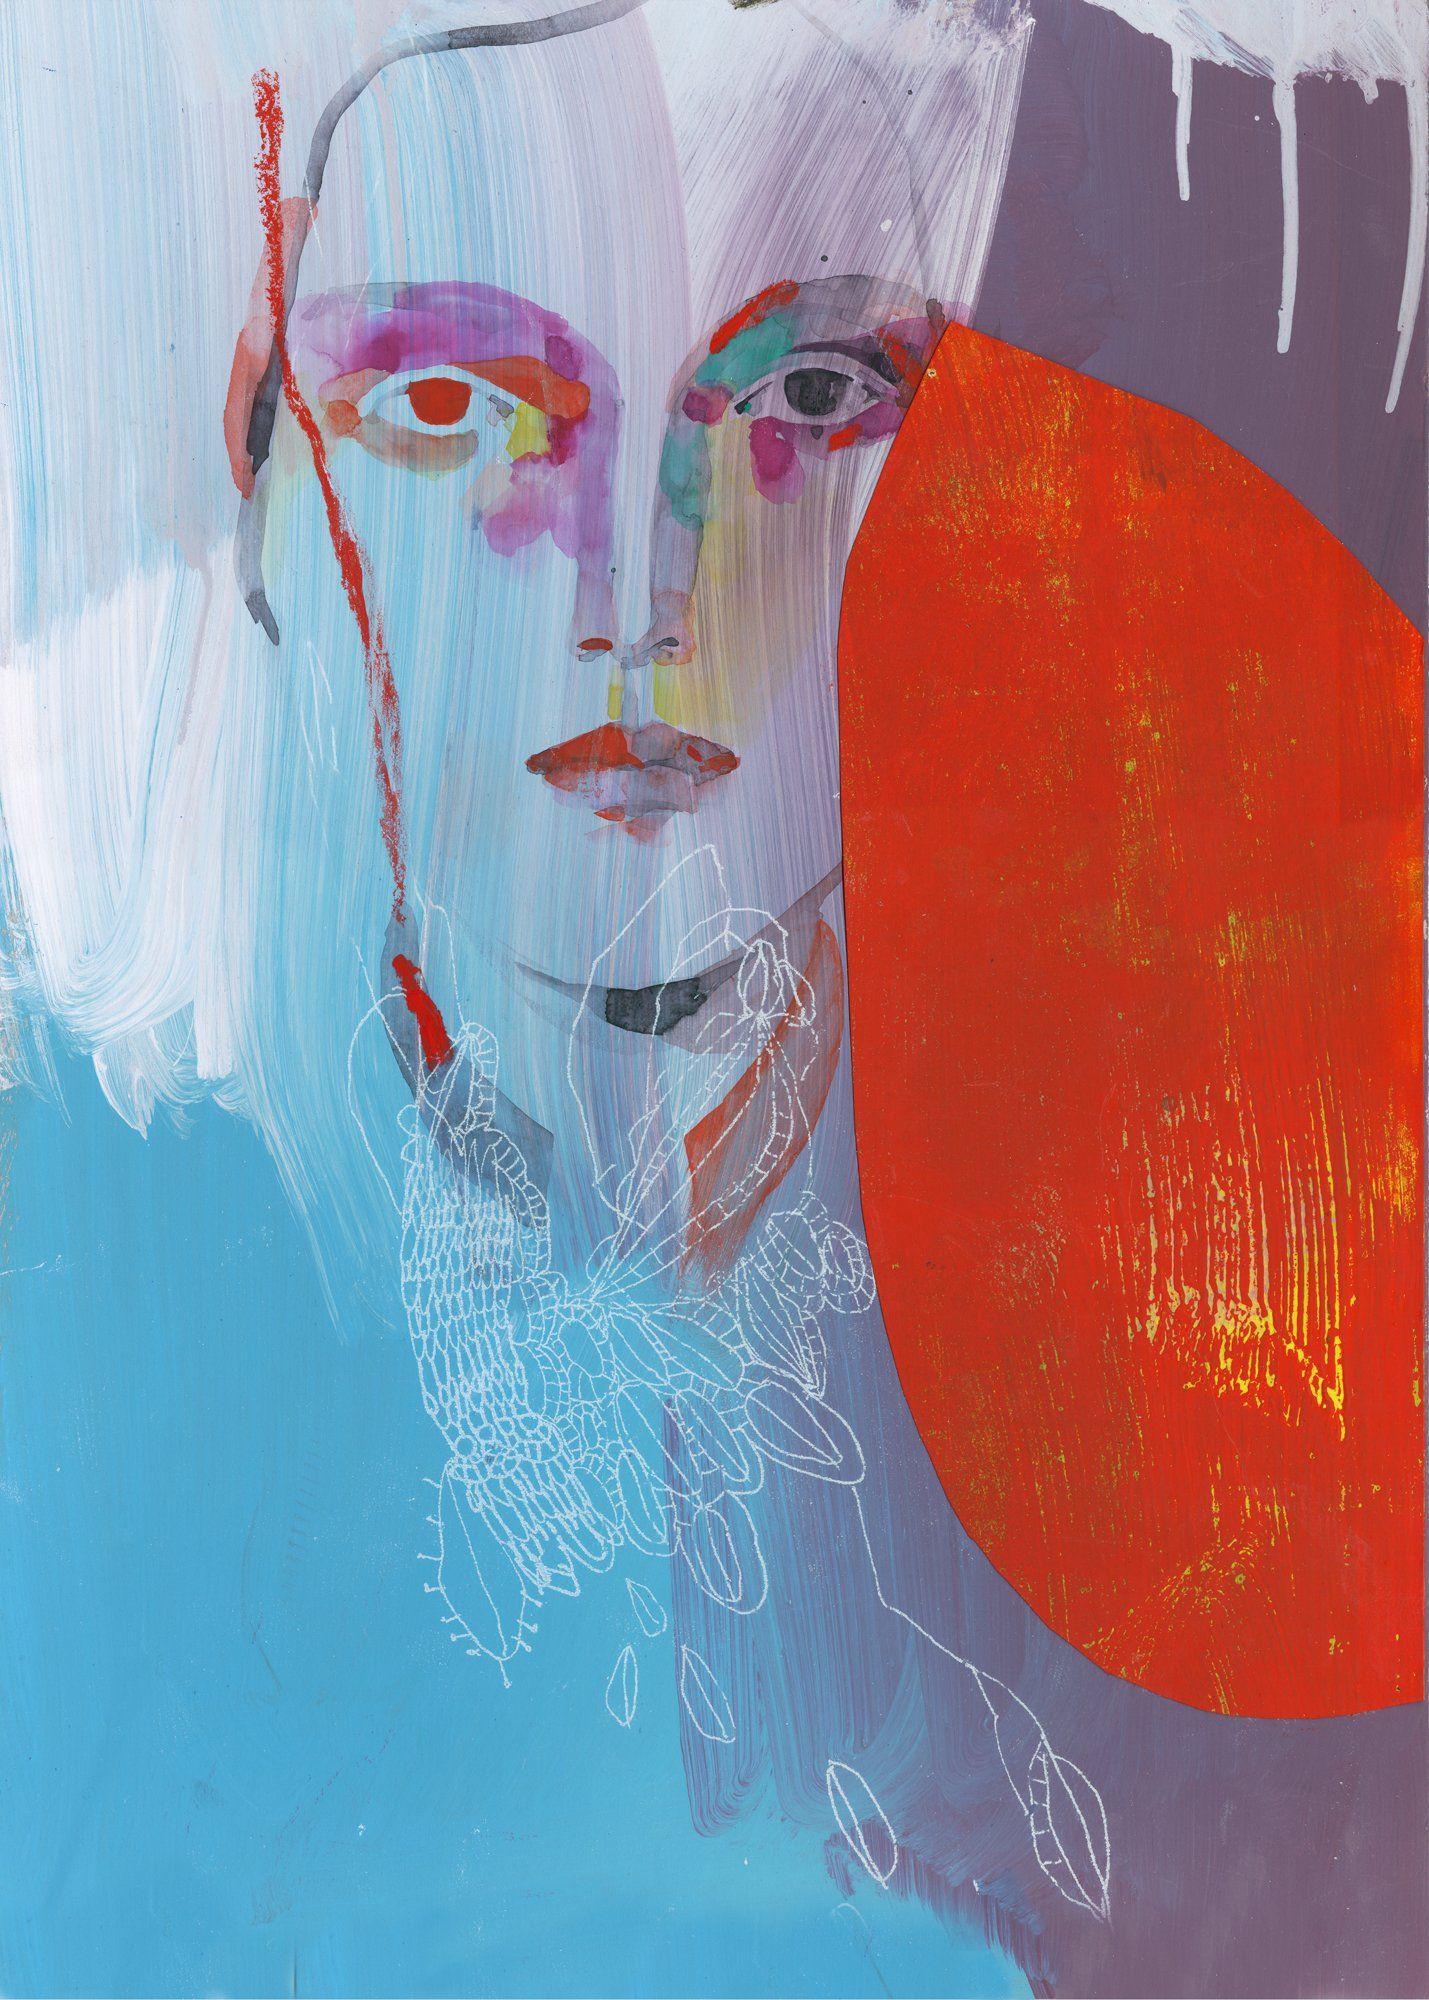 Pin on art + illustration